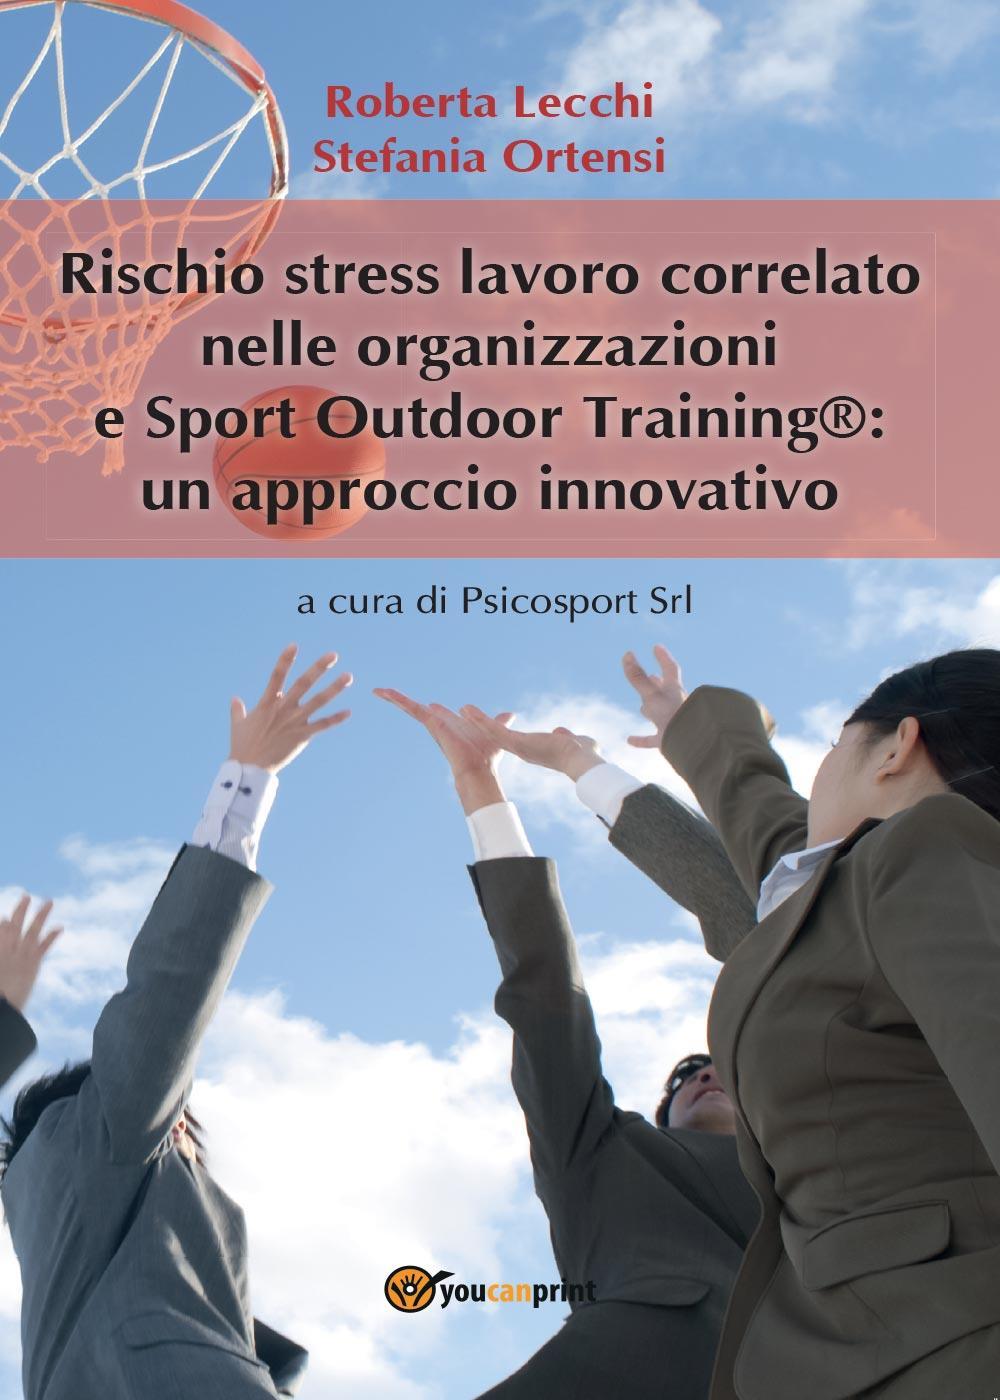 Rischio stress lavoro correlato nelle organizzazioni e Sport outdoor training®: un approccio innovativo